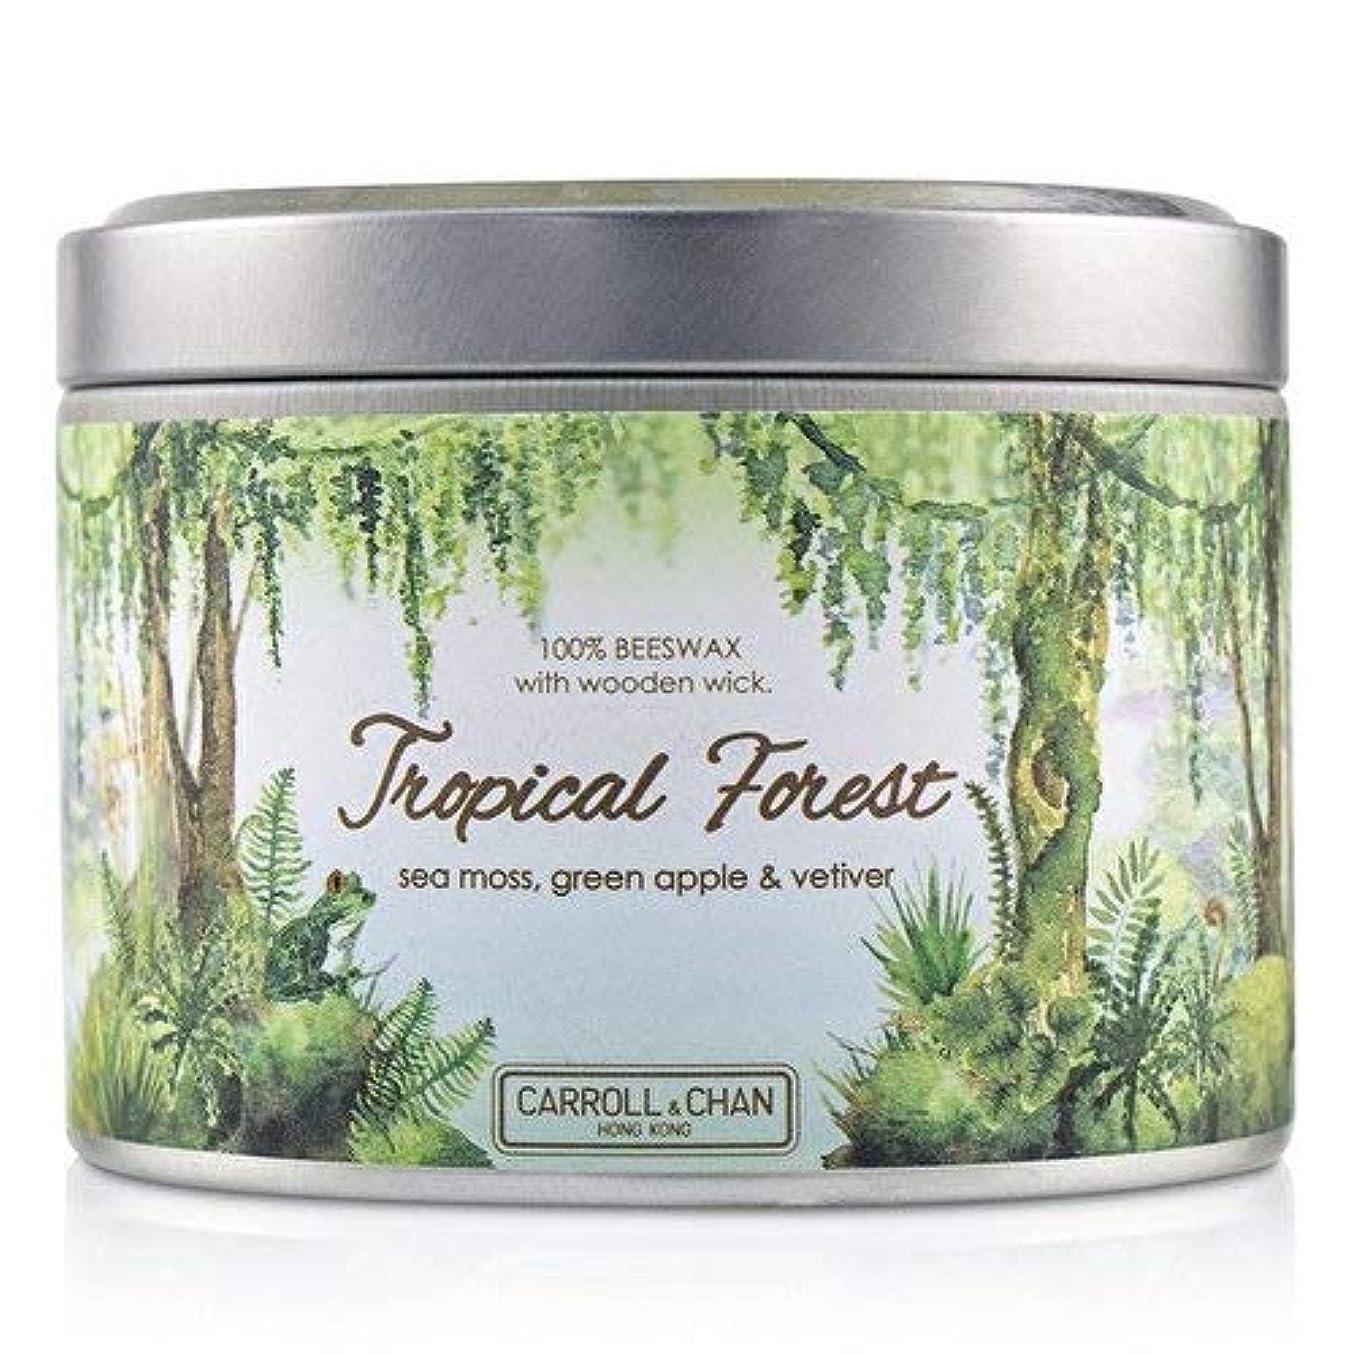 キャンドル?カンパニー Tin Can 100% Beeswax Candle with Wooden Wick - Tropical Forest (8x5) cm並行輸入品